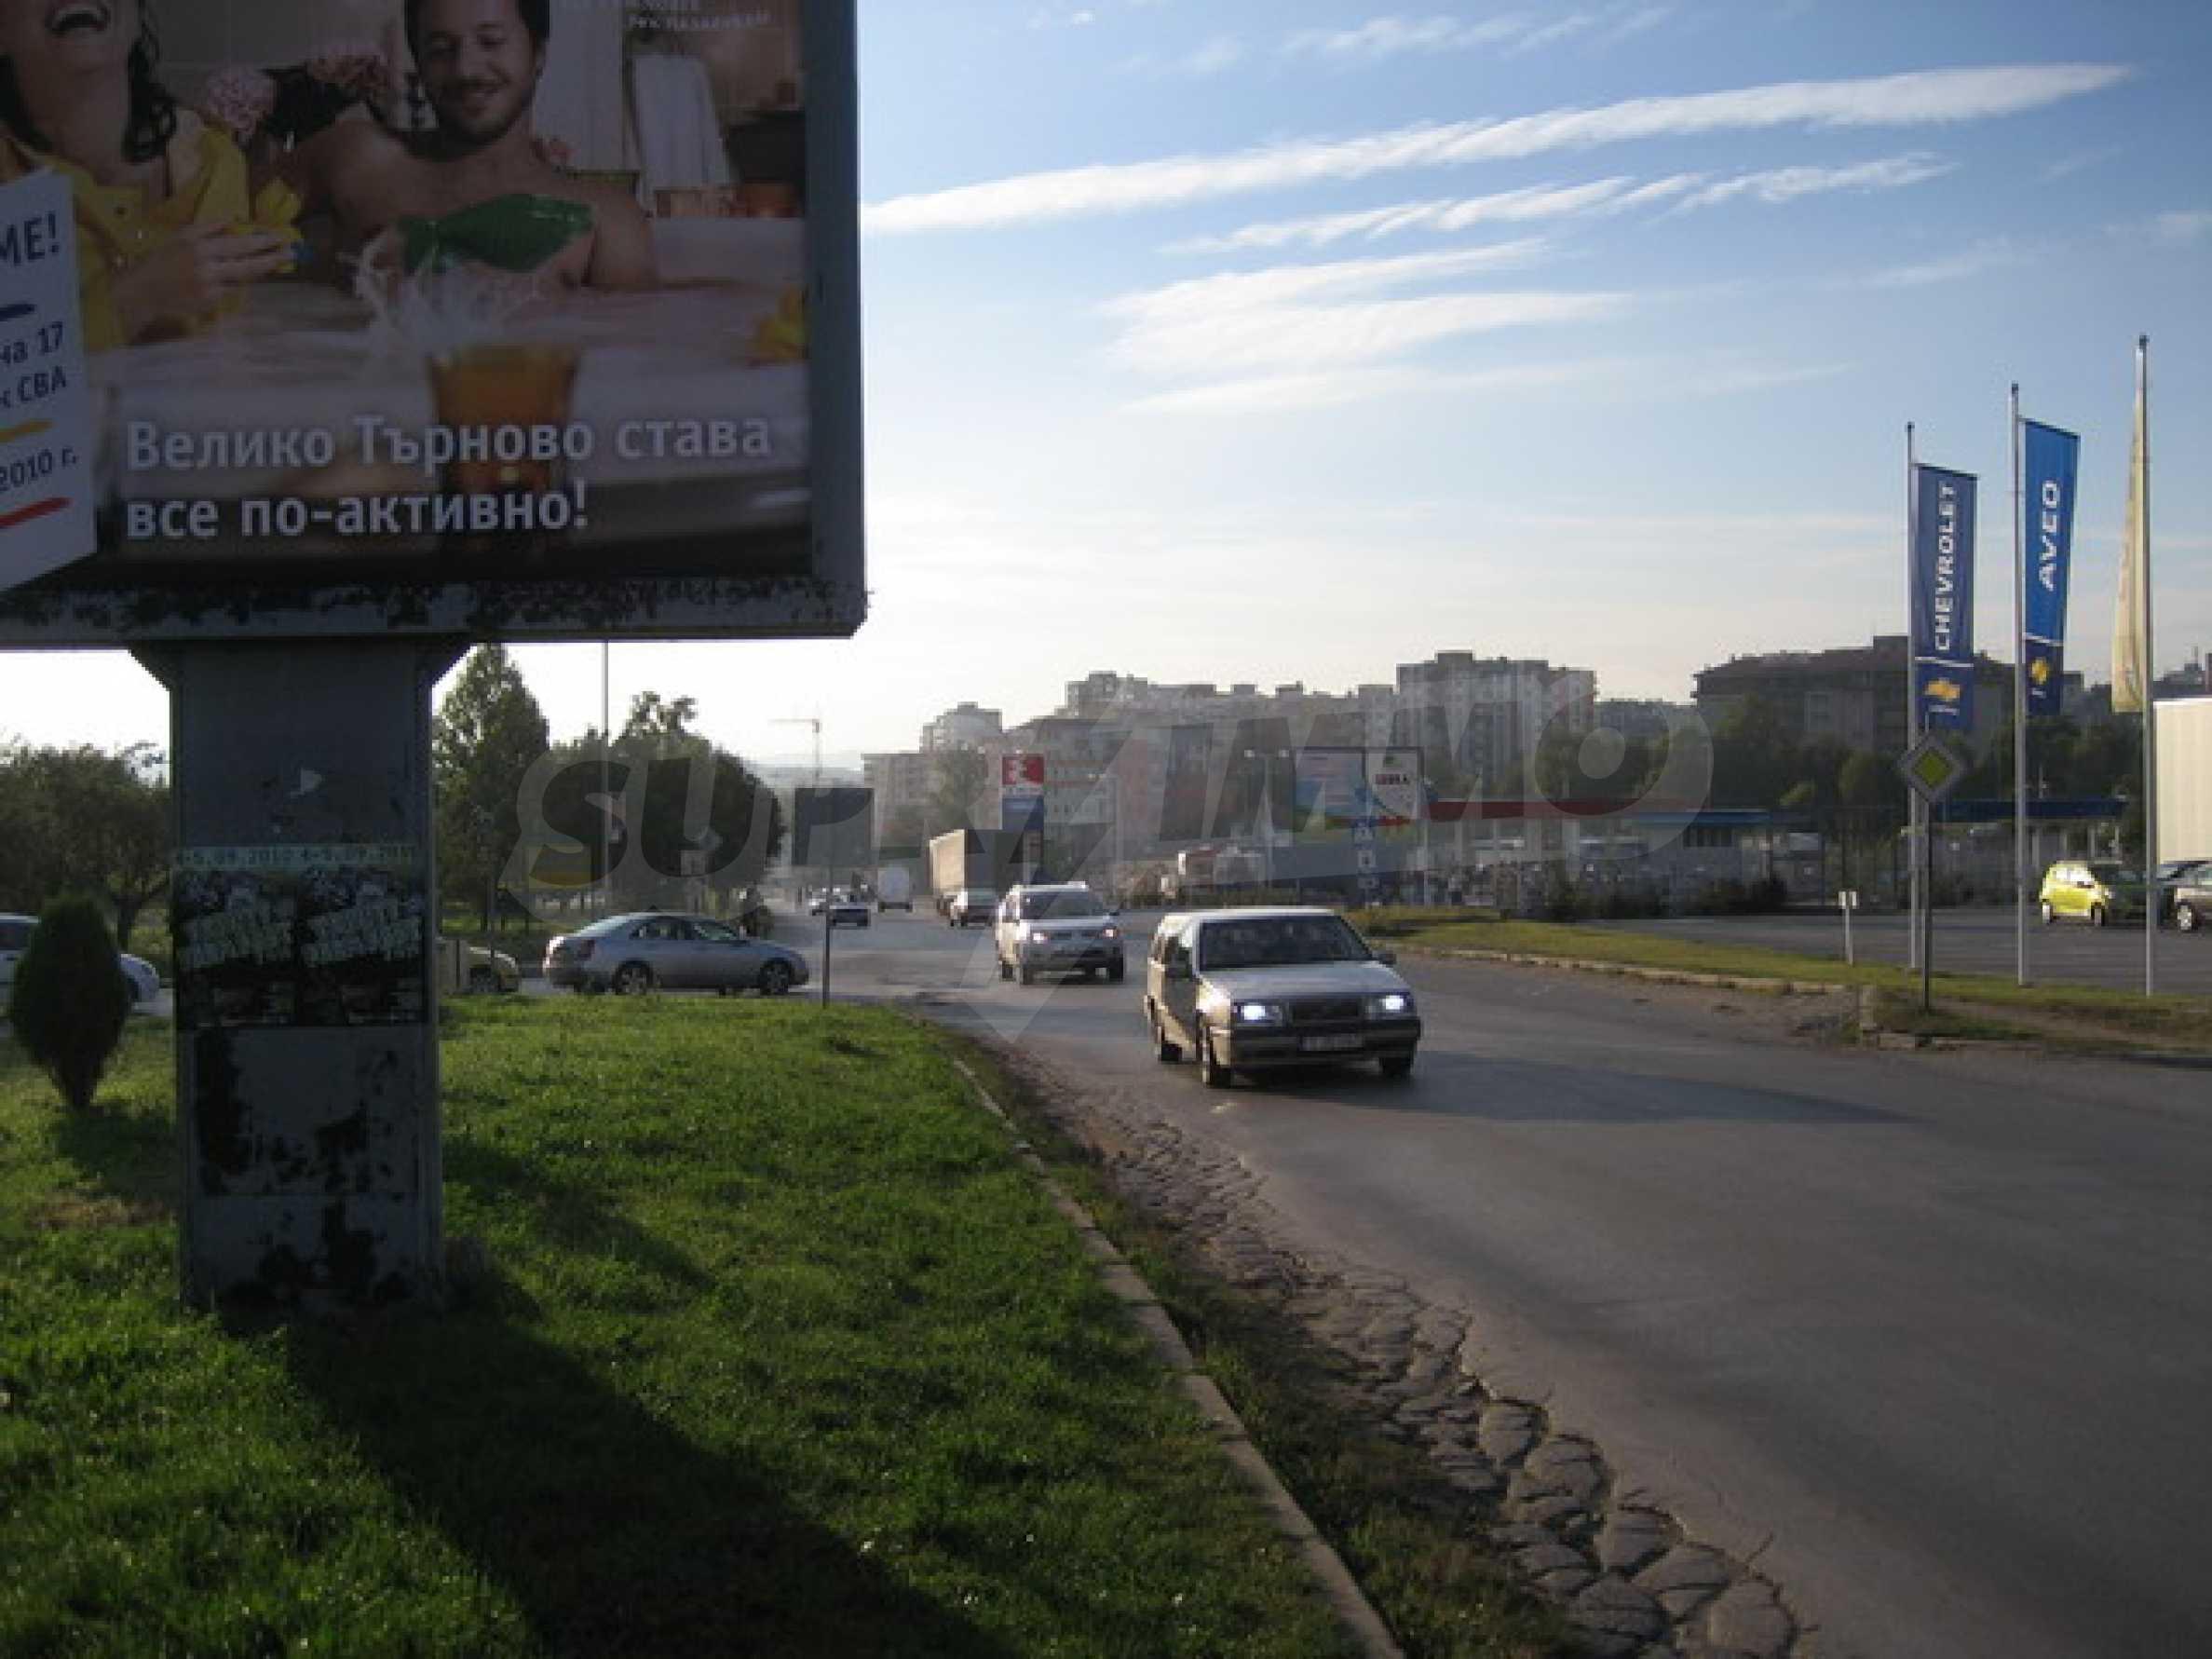 Земя на главен път София-Варна 4